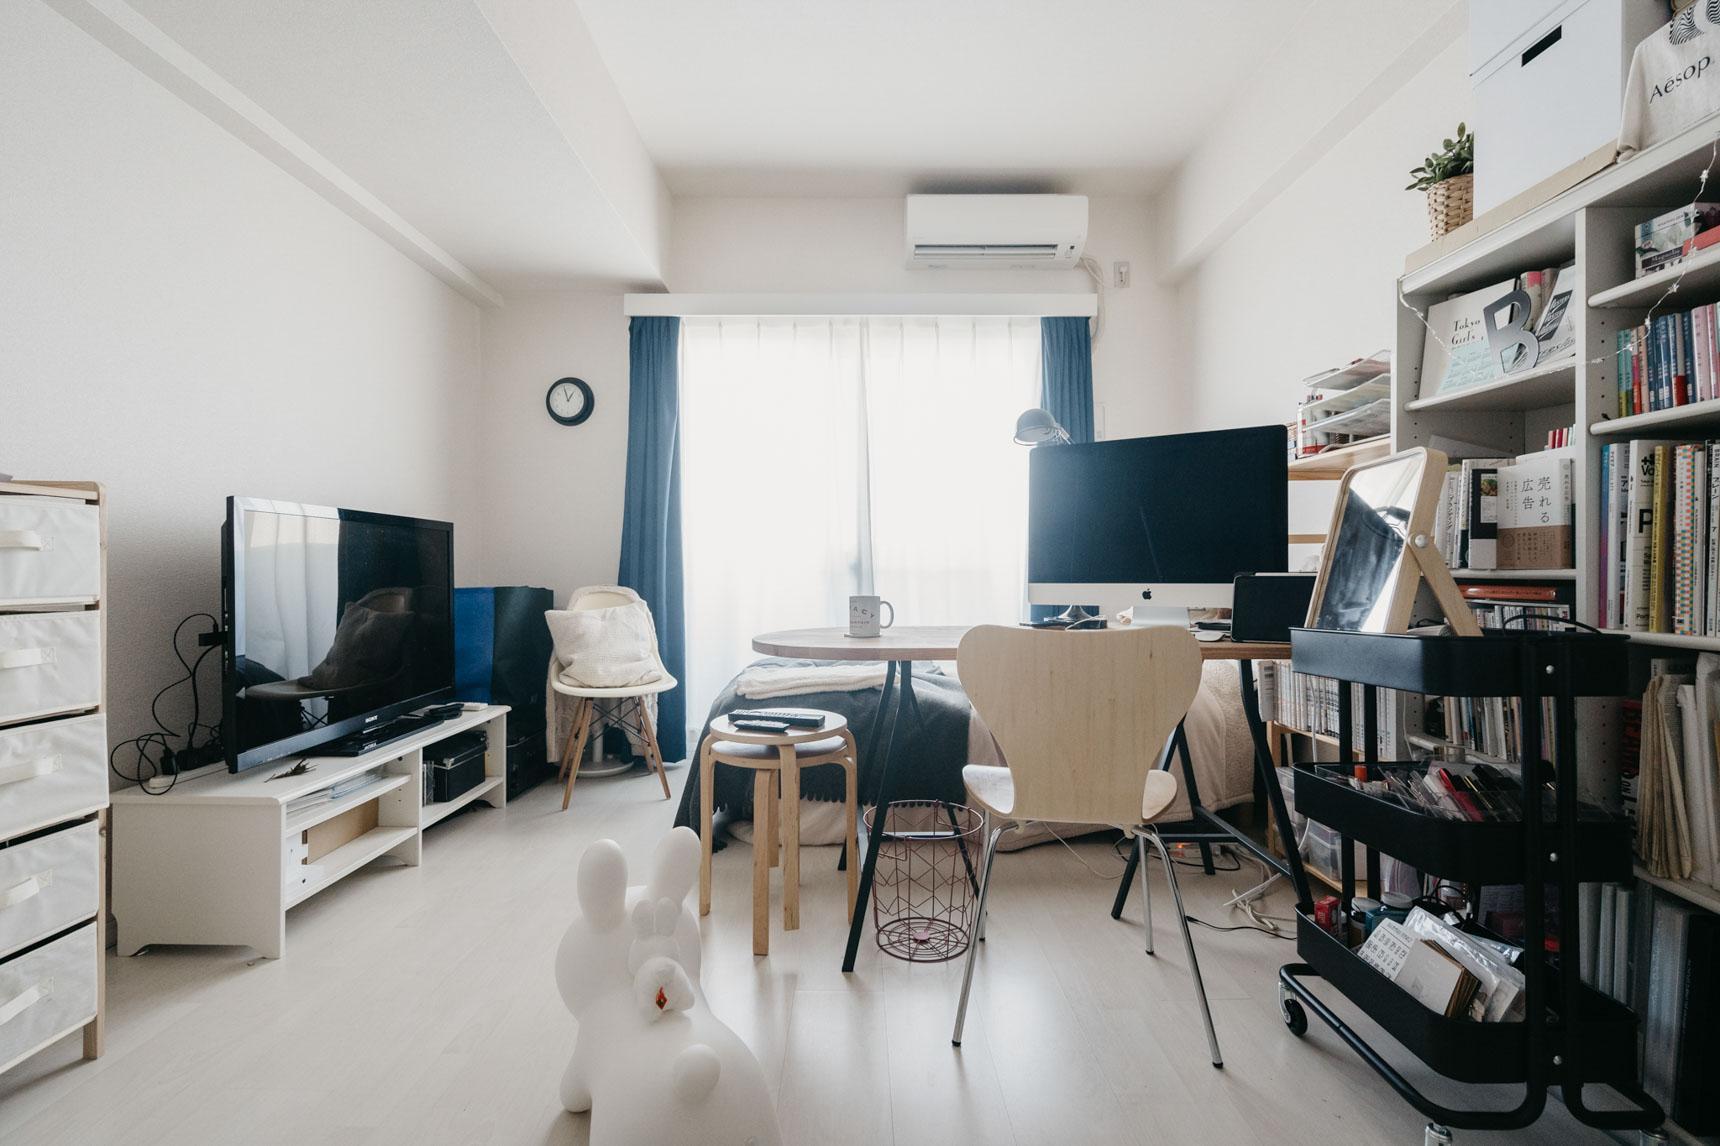 床や壁、建具も白で、インテリアの邪魔をしないお部屋。家具の配置を工夫していらっしゃるからか、とても広く見えます。